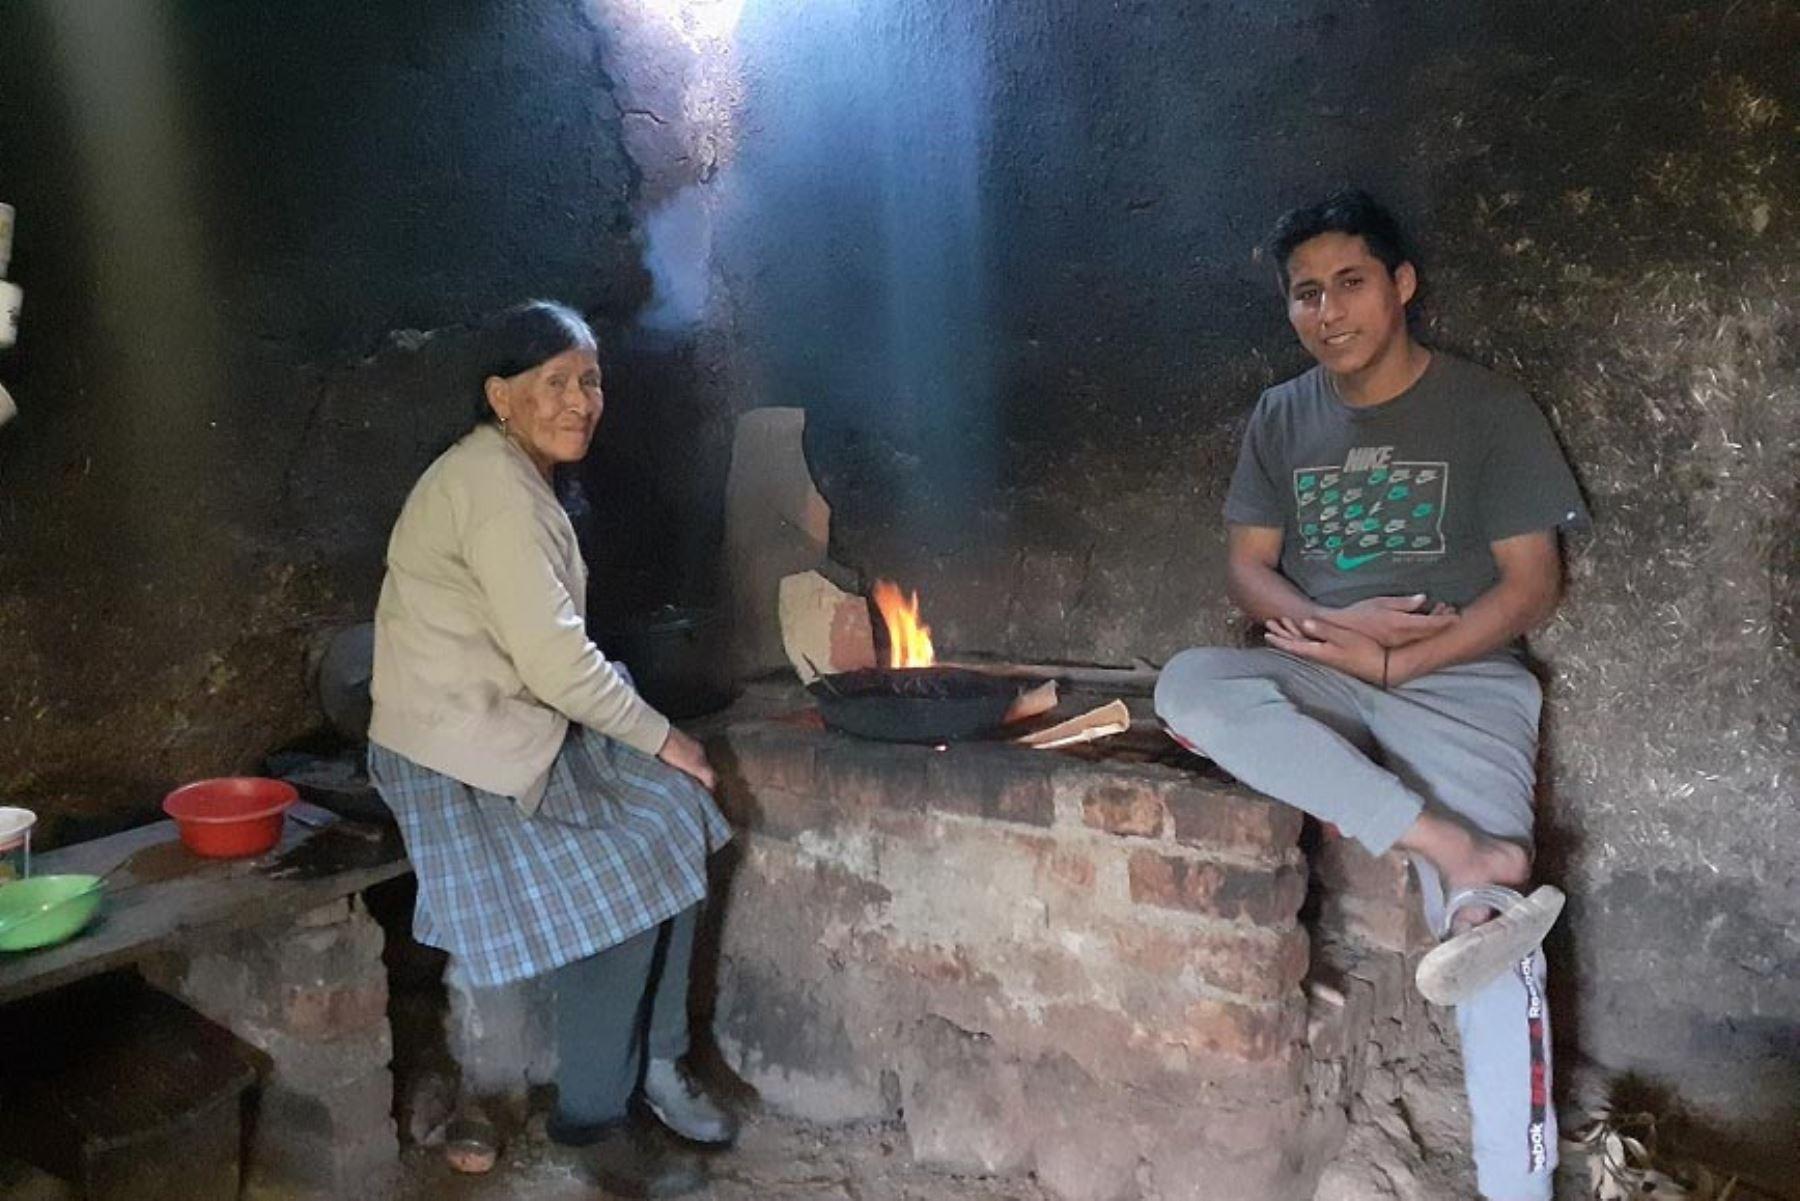 Y se hizo la luz, Walmer Herrera, estudiante del sexto ciclo de la carrera de Ingeniería Informática en la Universidad Nacional de Piura, llevó la luz a la casa de su abuela. Foto: ANDINA/Pronabec